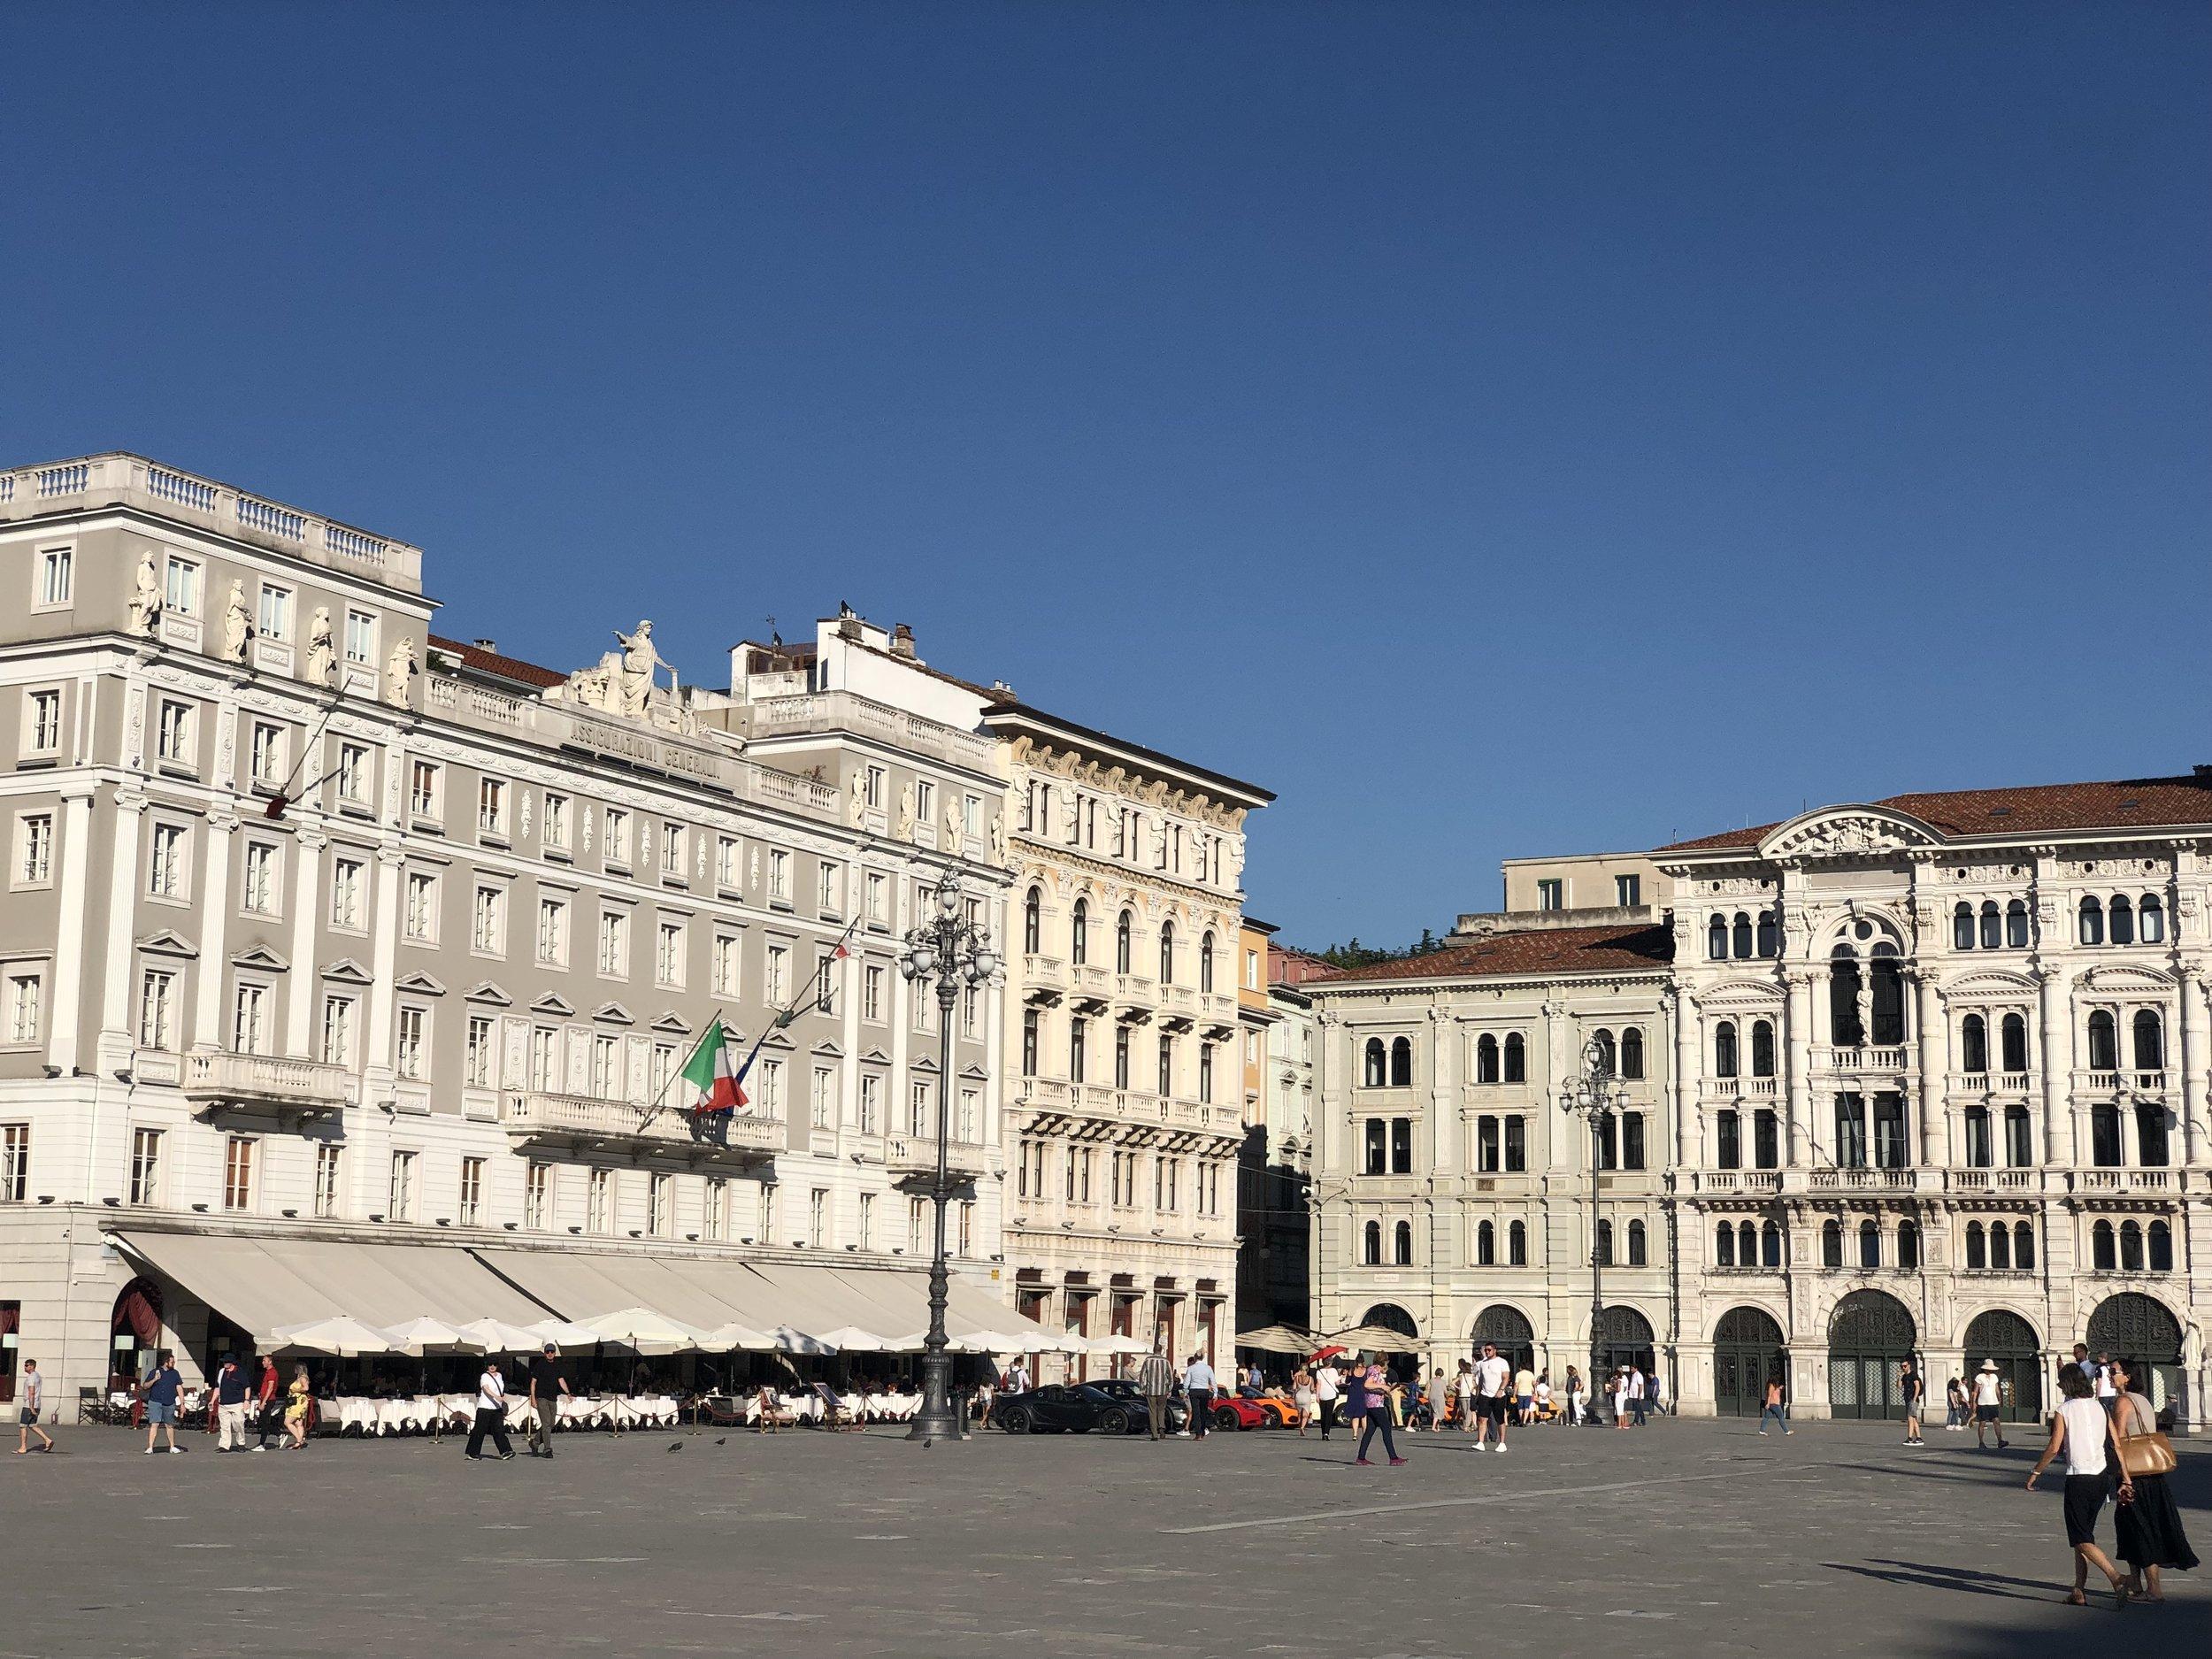 Piazza dell'Unita d'Italia, Trieste, simply stunning.